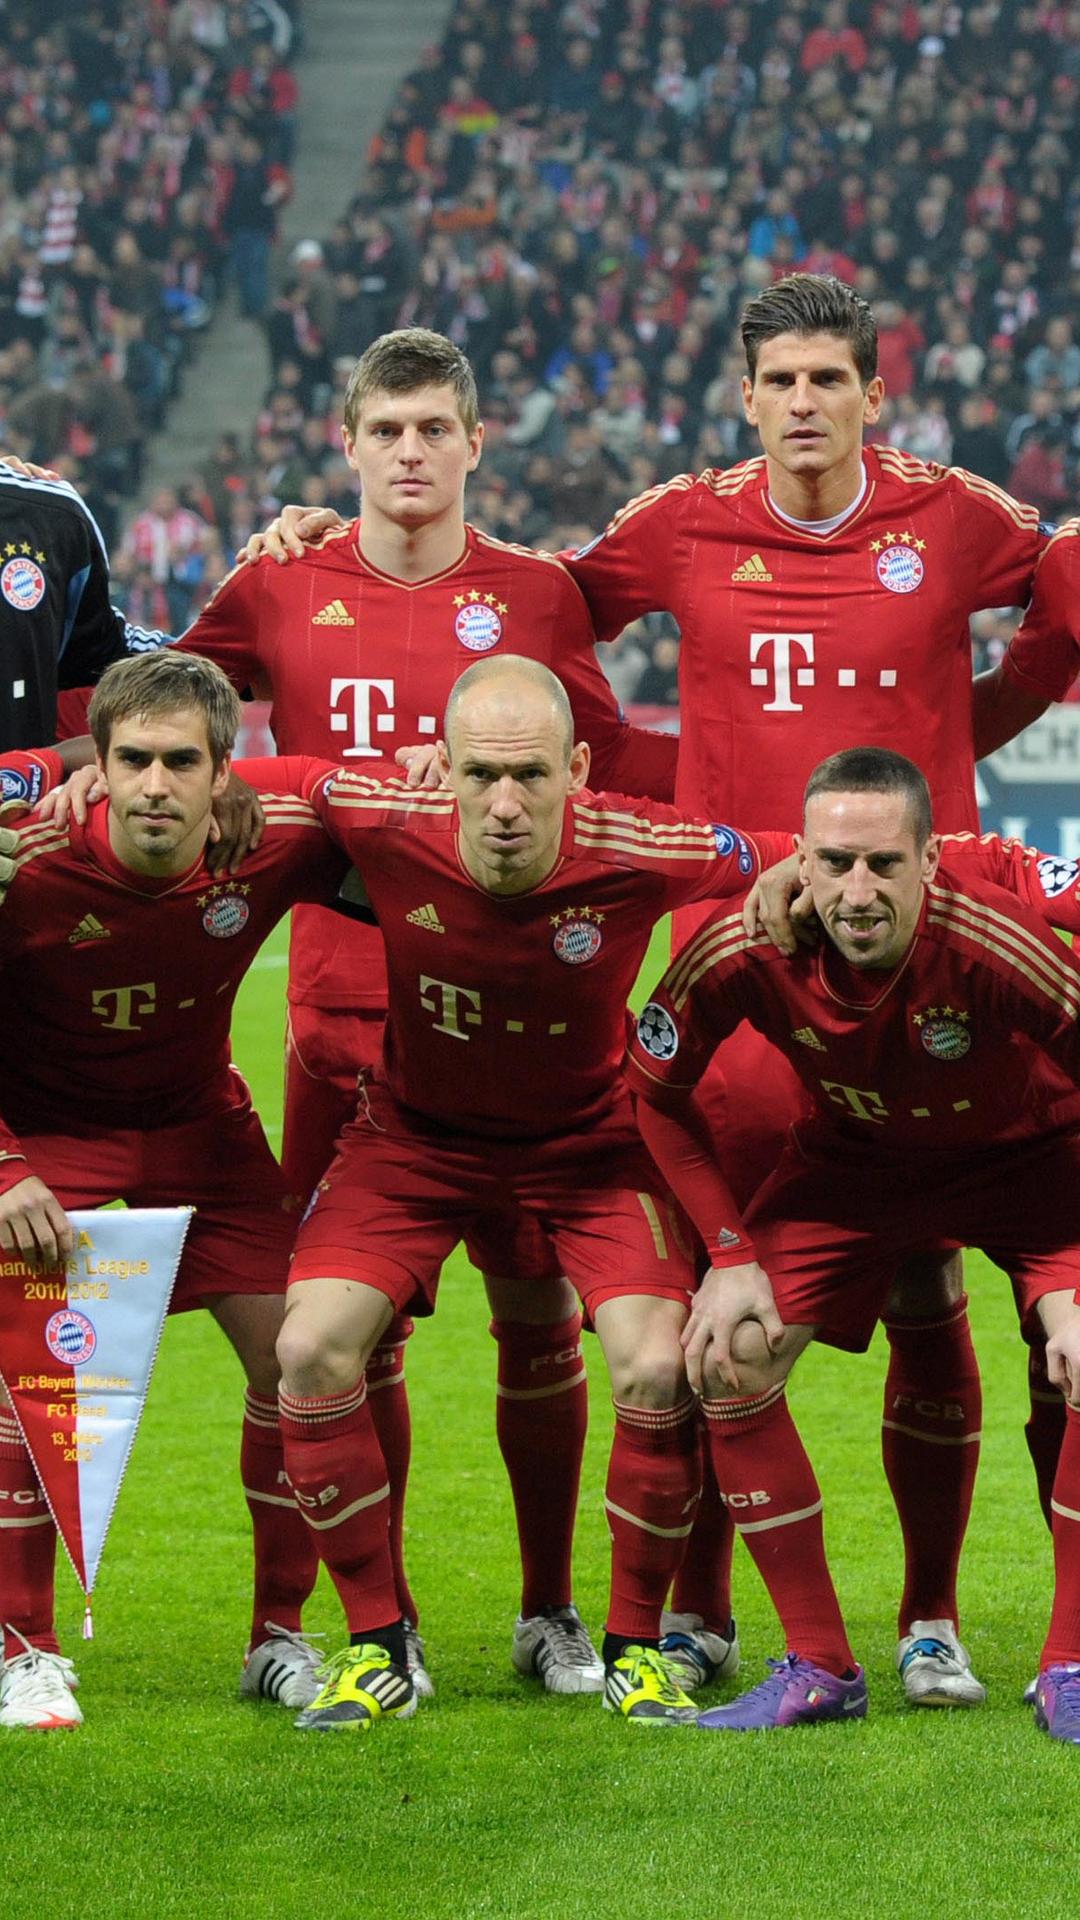 FC Bayern Munich Squad, fondos galaxy s4, fondos de pantalla galaxy s4, sfondi samsung galaxy s4, hintergrund, ????, 1080x1920 pixels, portraid mode background for smartphone